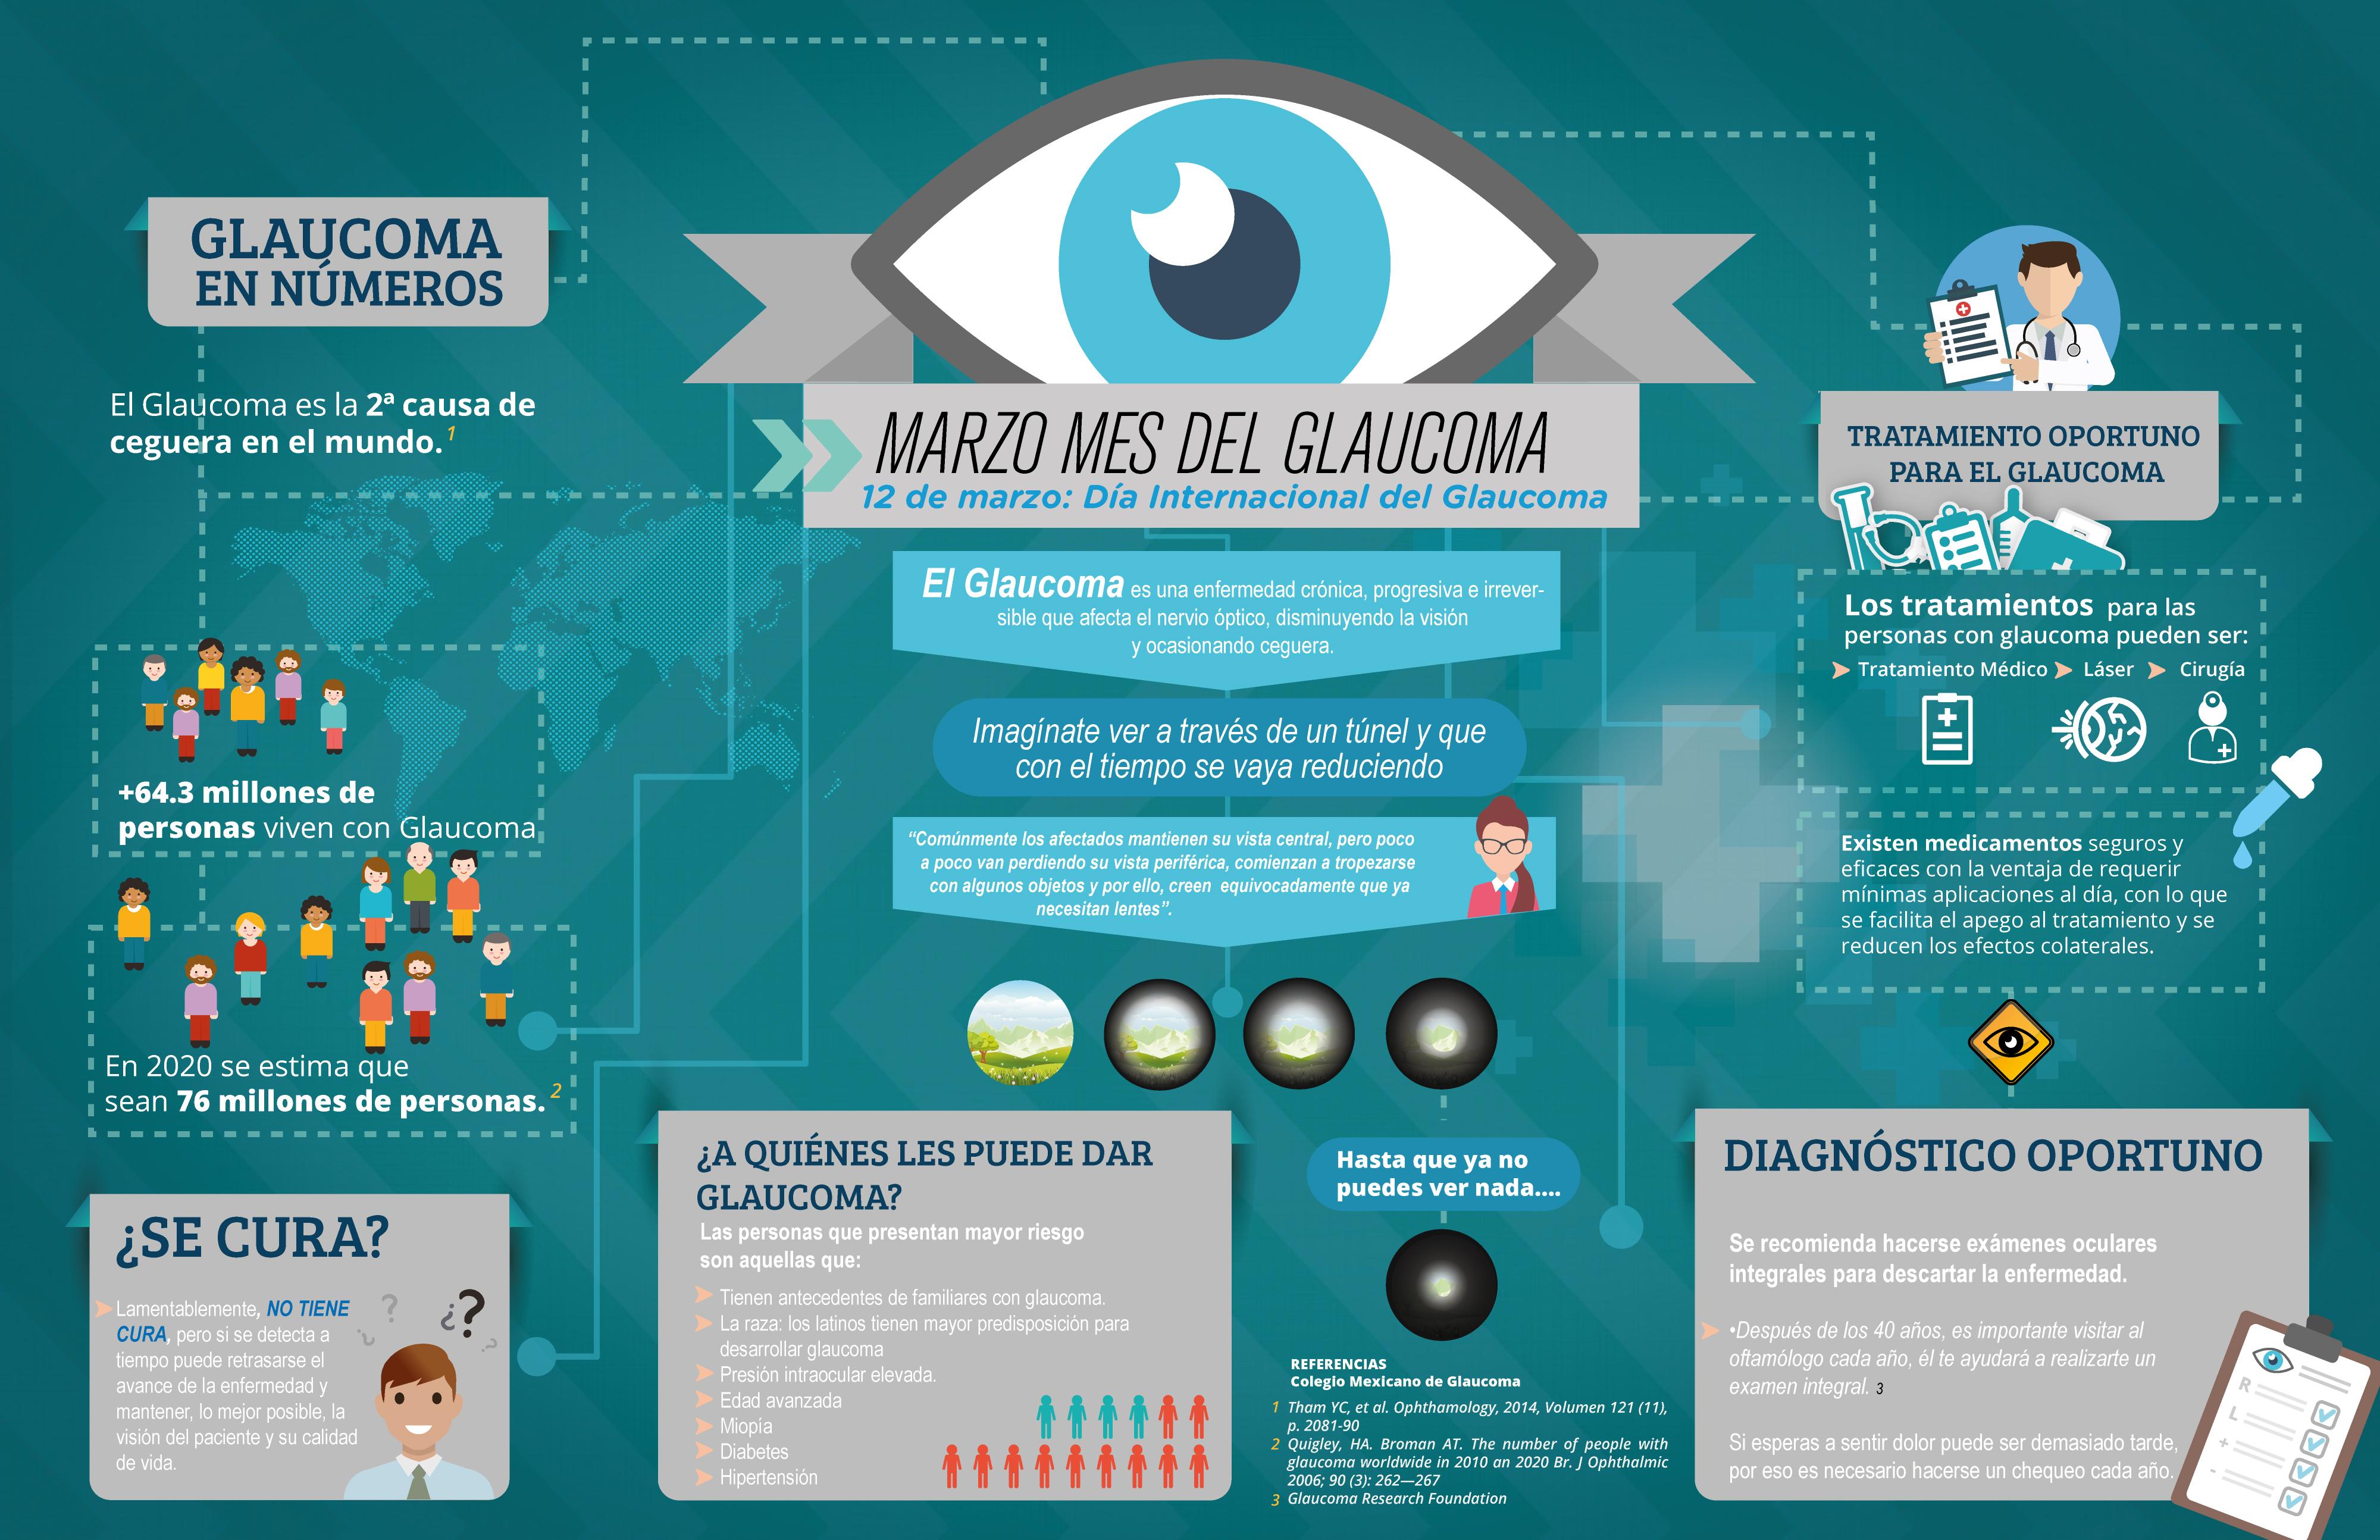 DÍA INTERNACIONAL DEL GLAUCOMA: ESPECIALISTAS LLAMAN A UN DIAGNÓSTICO OPORTUNO